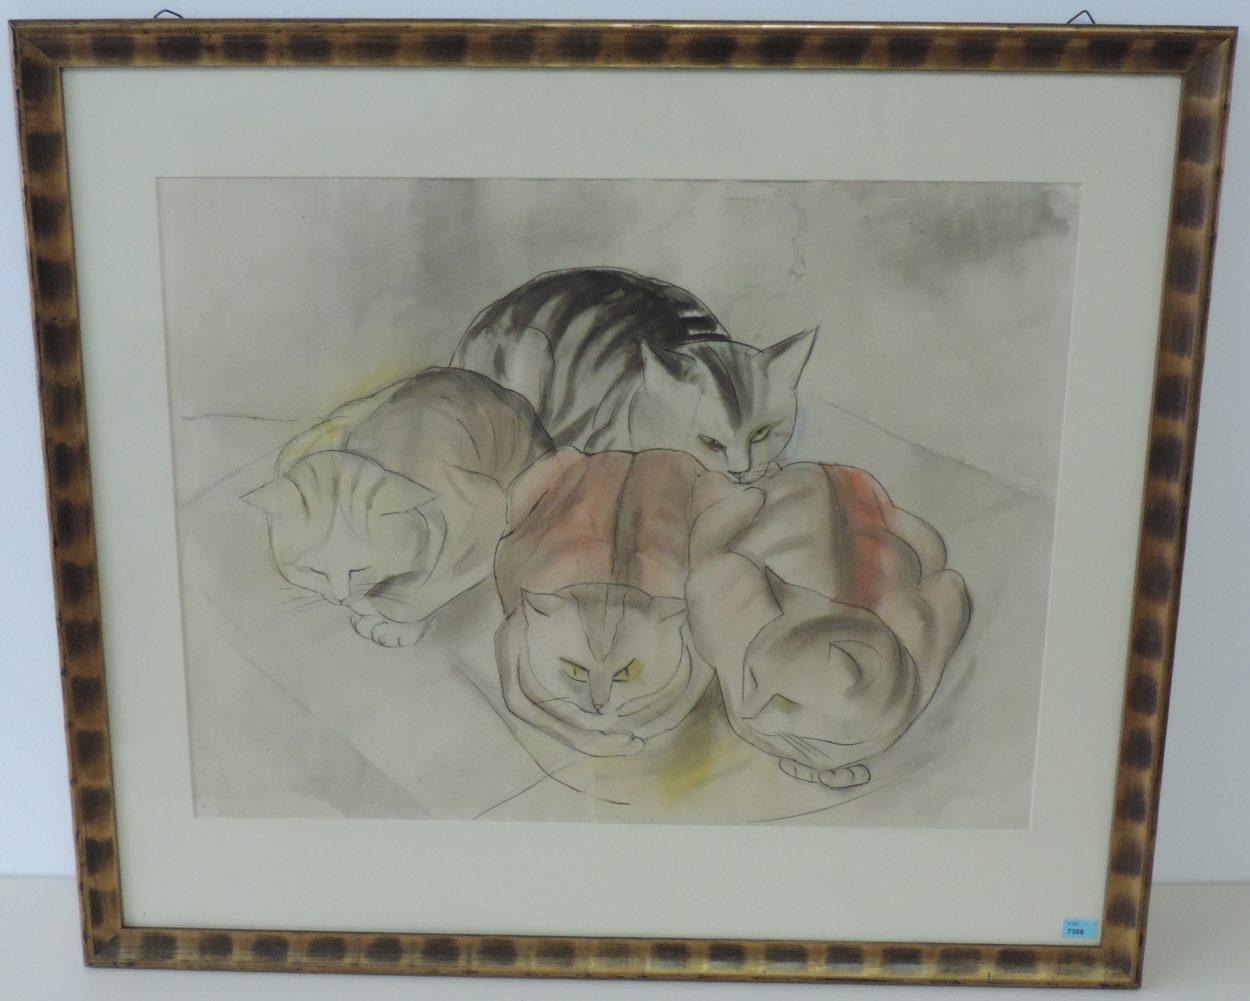 Adolf Richard Fleischmann, Four Cats